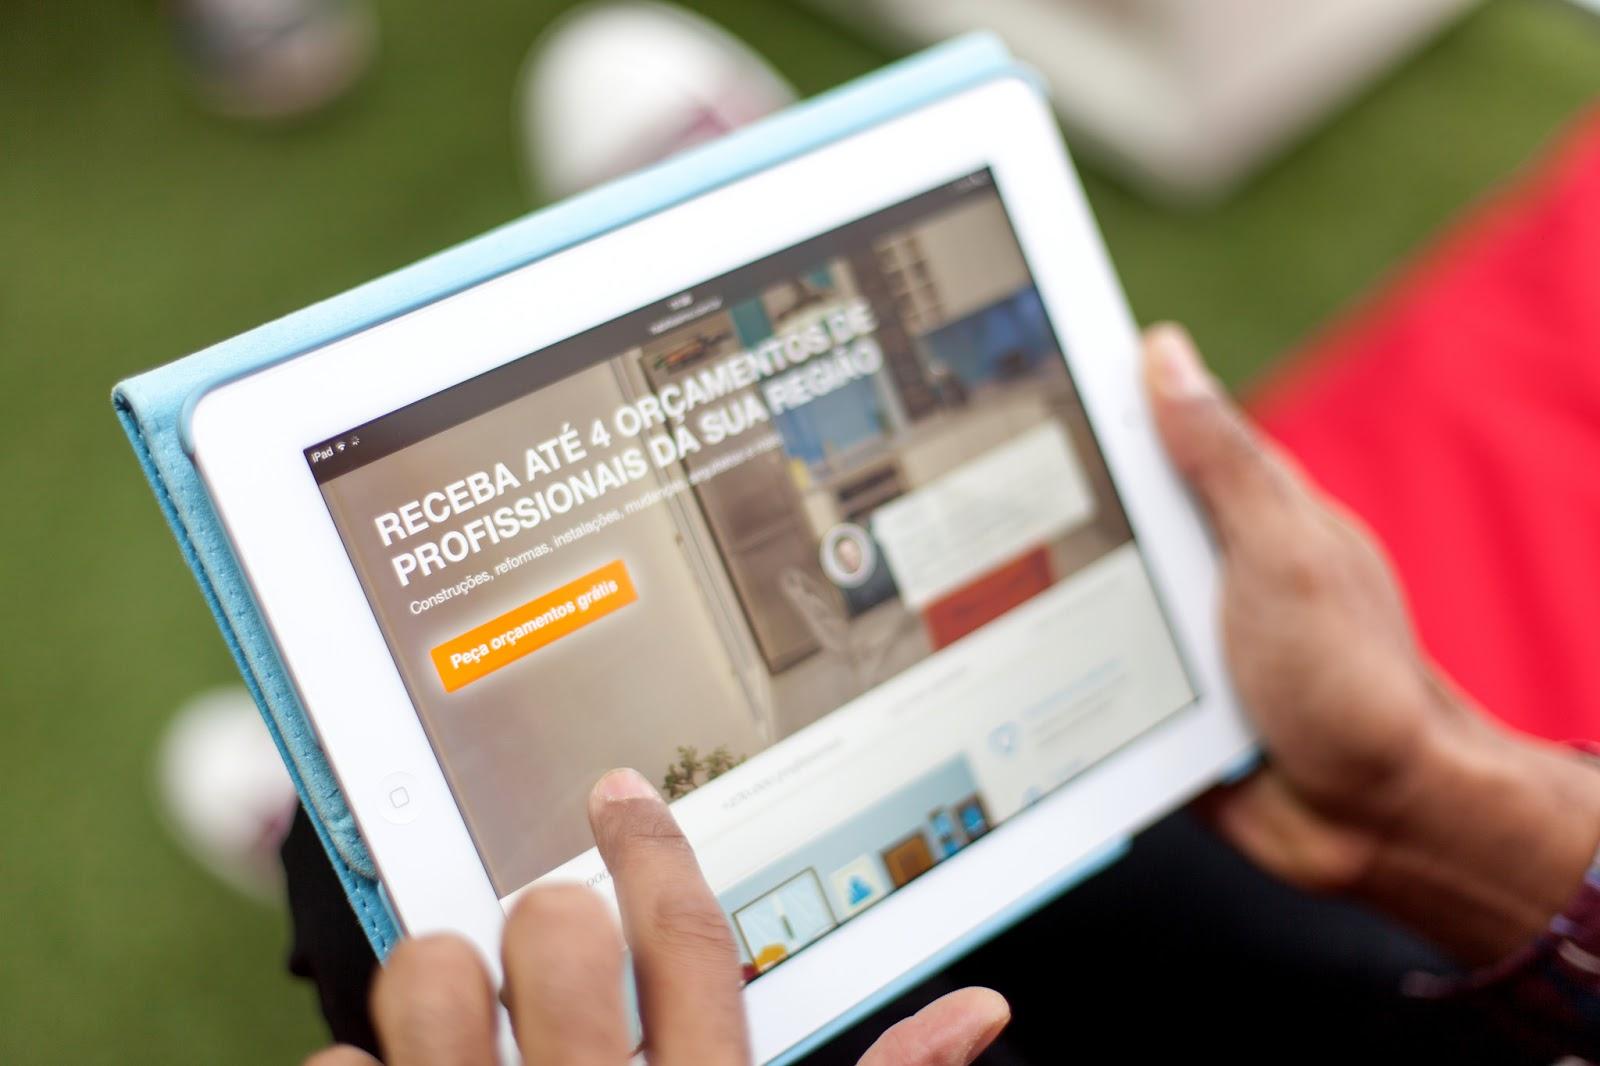 Conheça o Habitissimo, o aplicativo que te ajuda a encontrar profissionais para reformar ou decorar sua casa